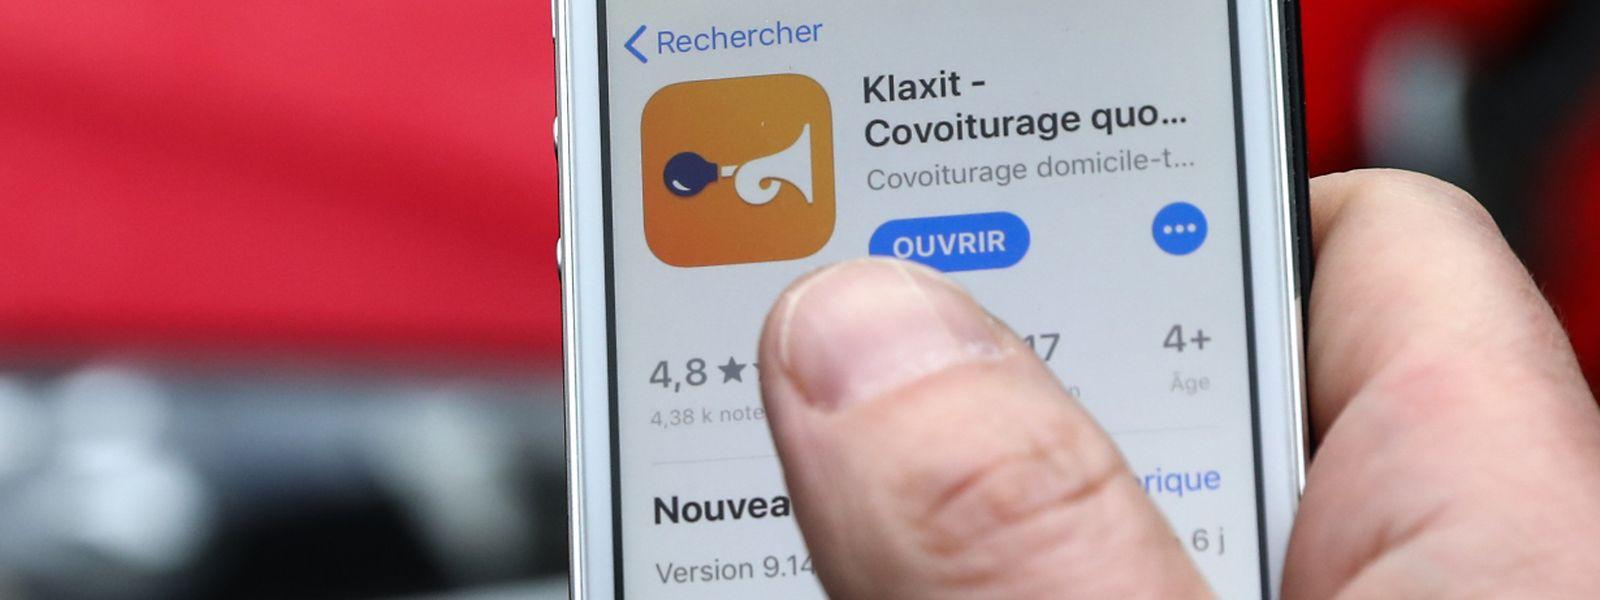 Le nouvel opérateur retenu opère sur trois pays: France, Suisse et maintenant Luxembourg.